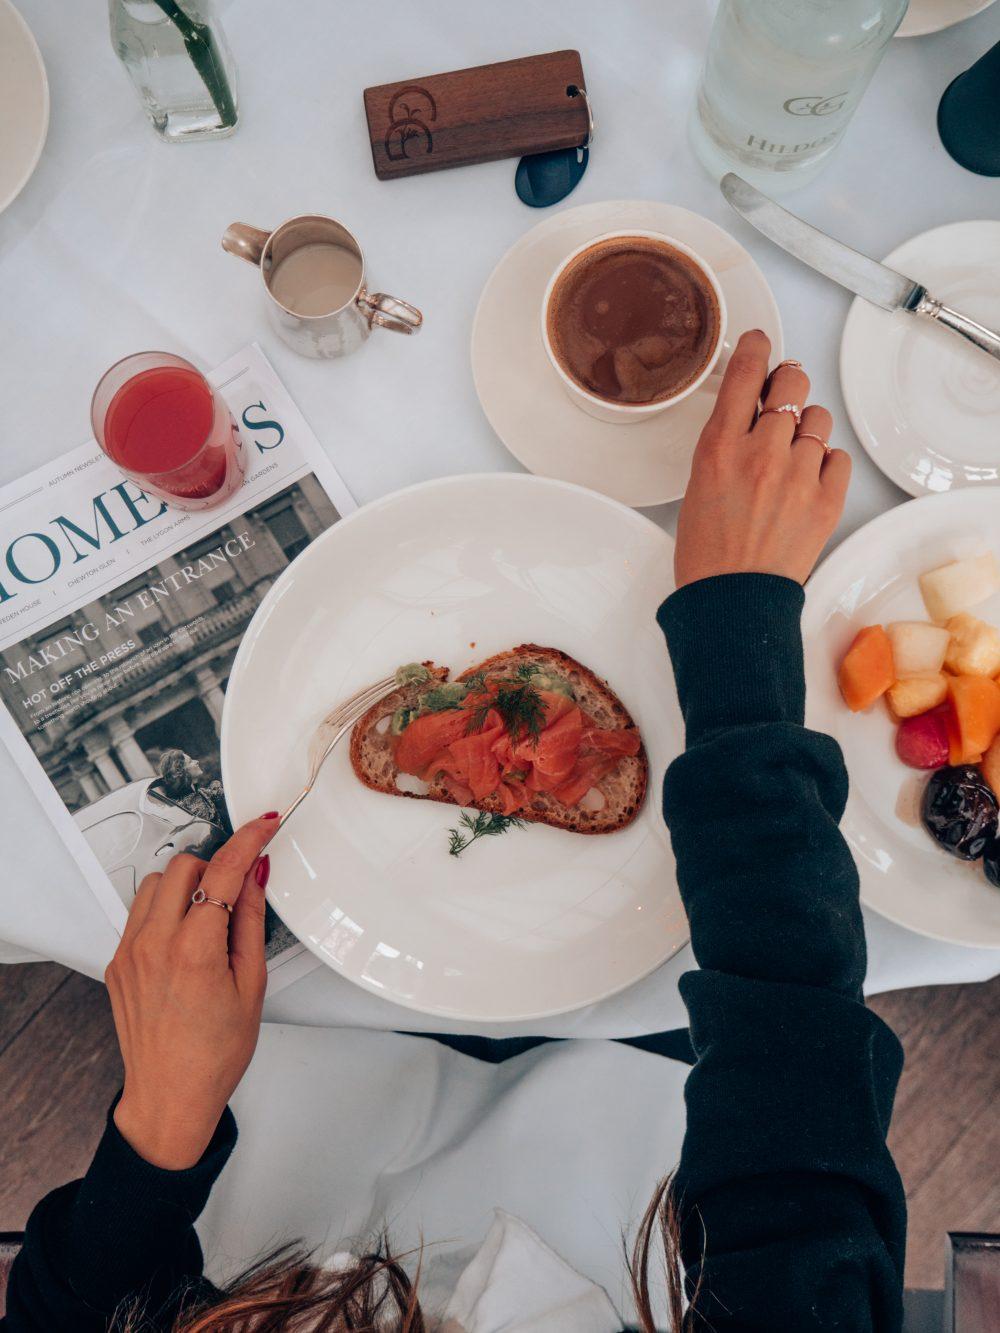 Whitney's Wonderland UK Food Blogger review of Chewton Glen breakfast